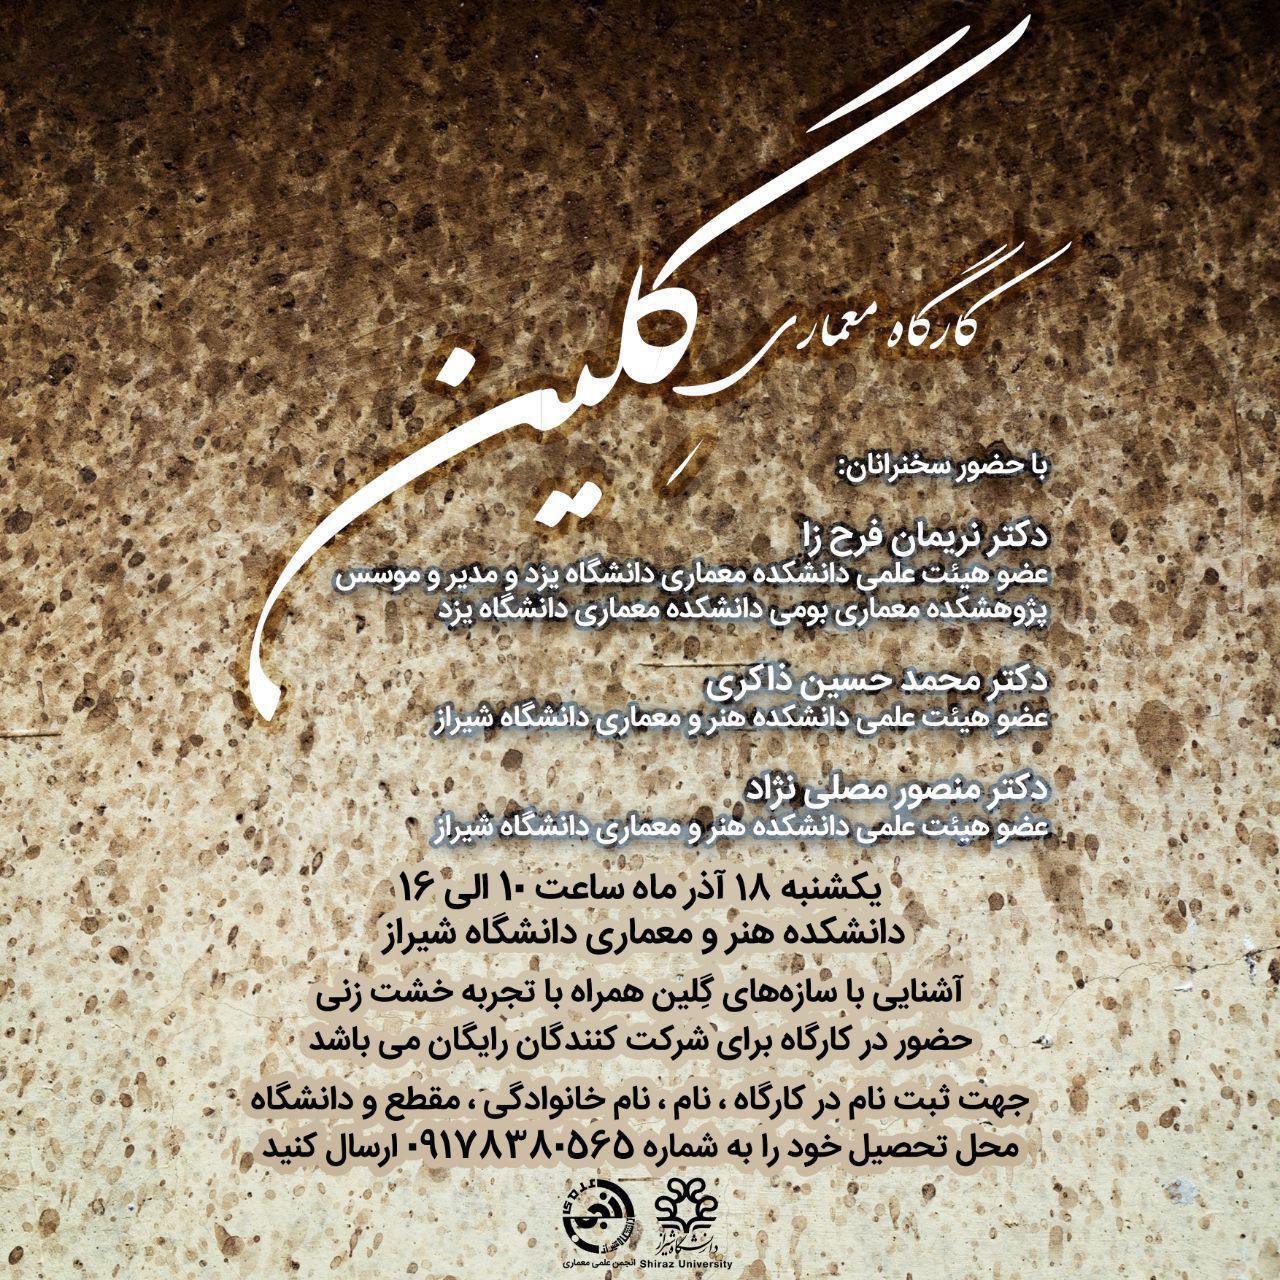 """برگزاری """"کارگاه معماری گلین"""" در دانشکده هنر و معماری دانشگاه شیراز"""